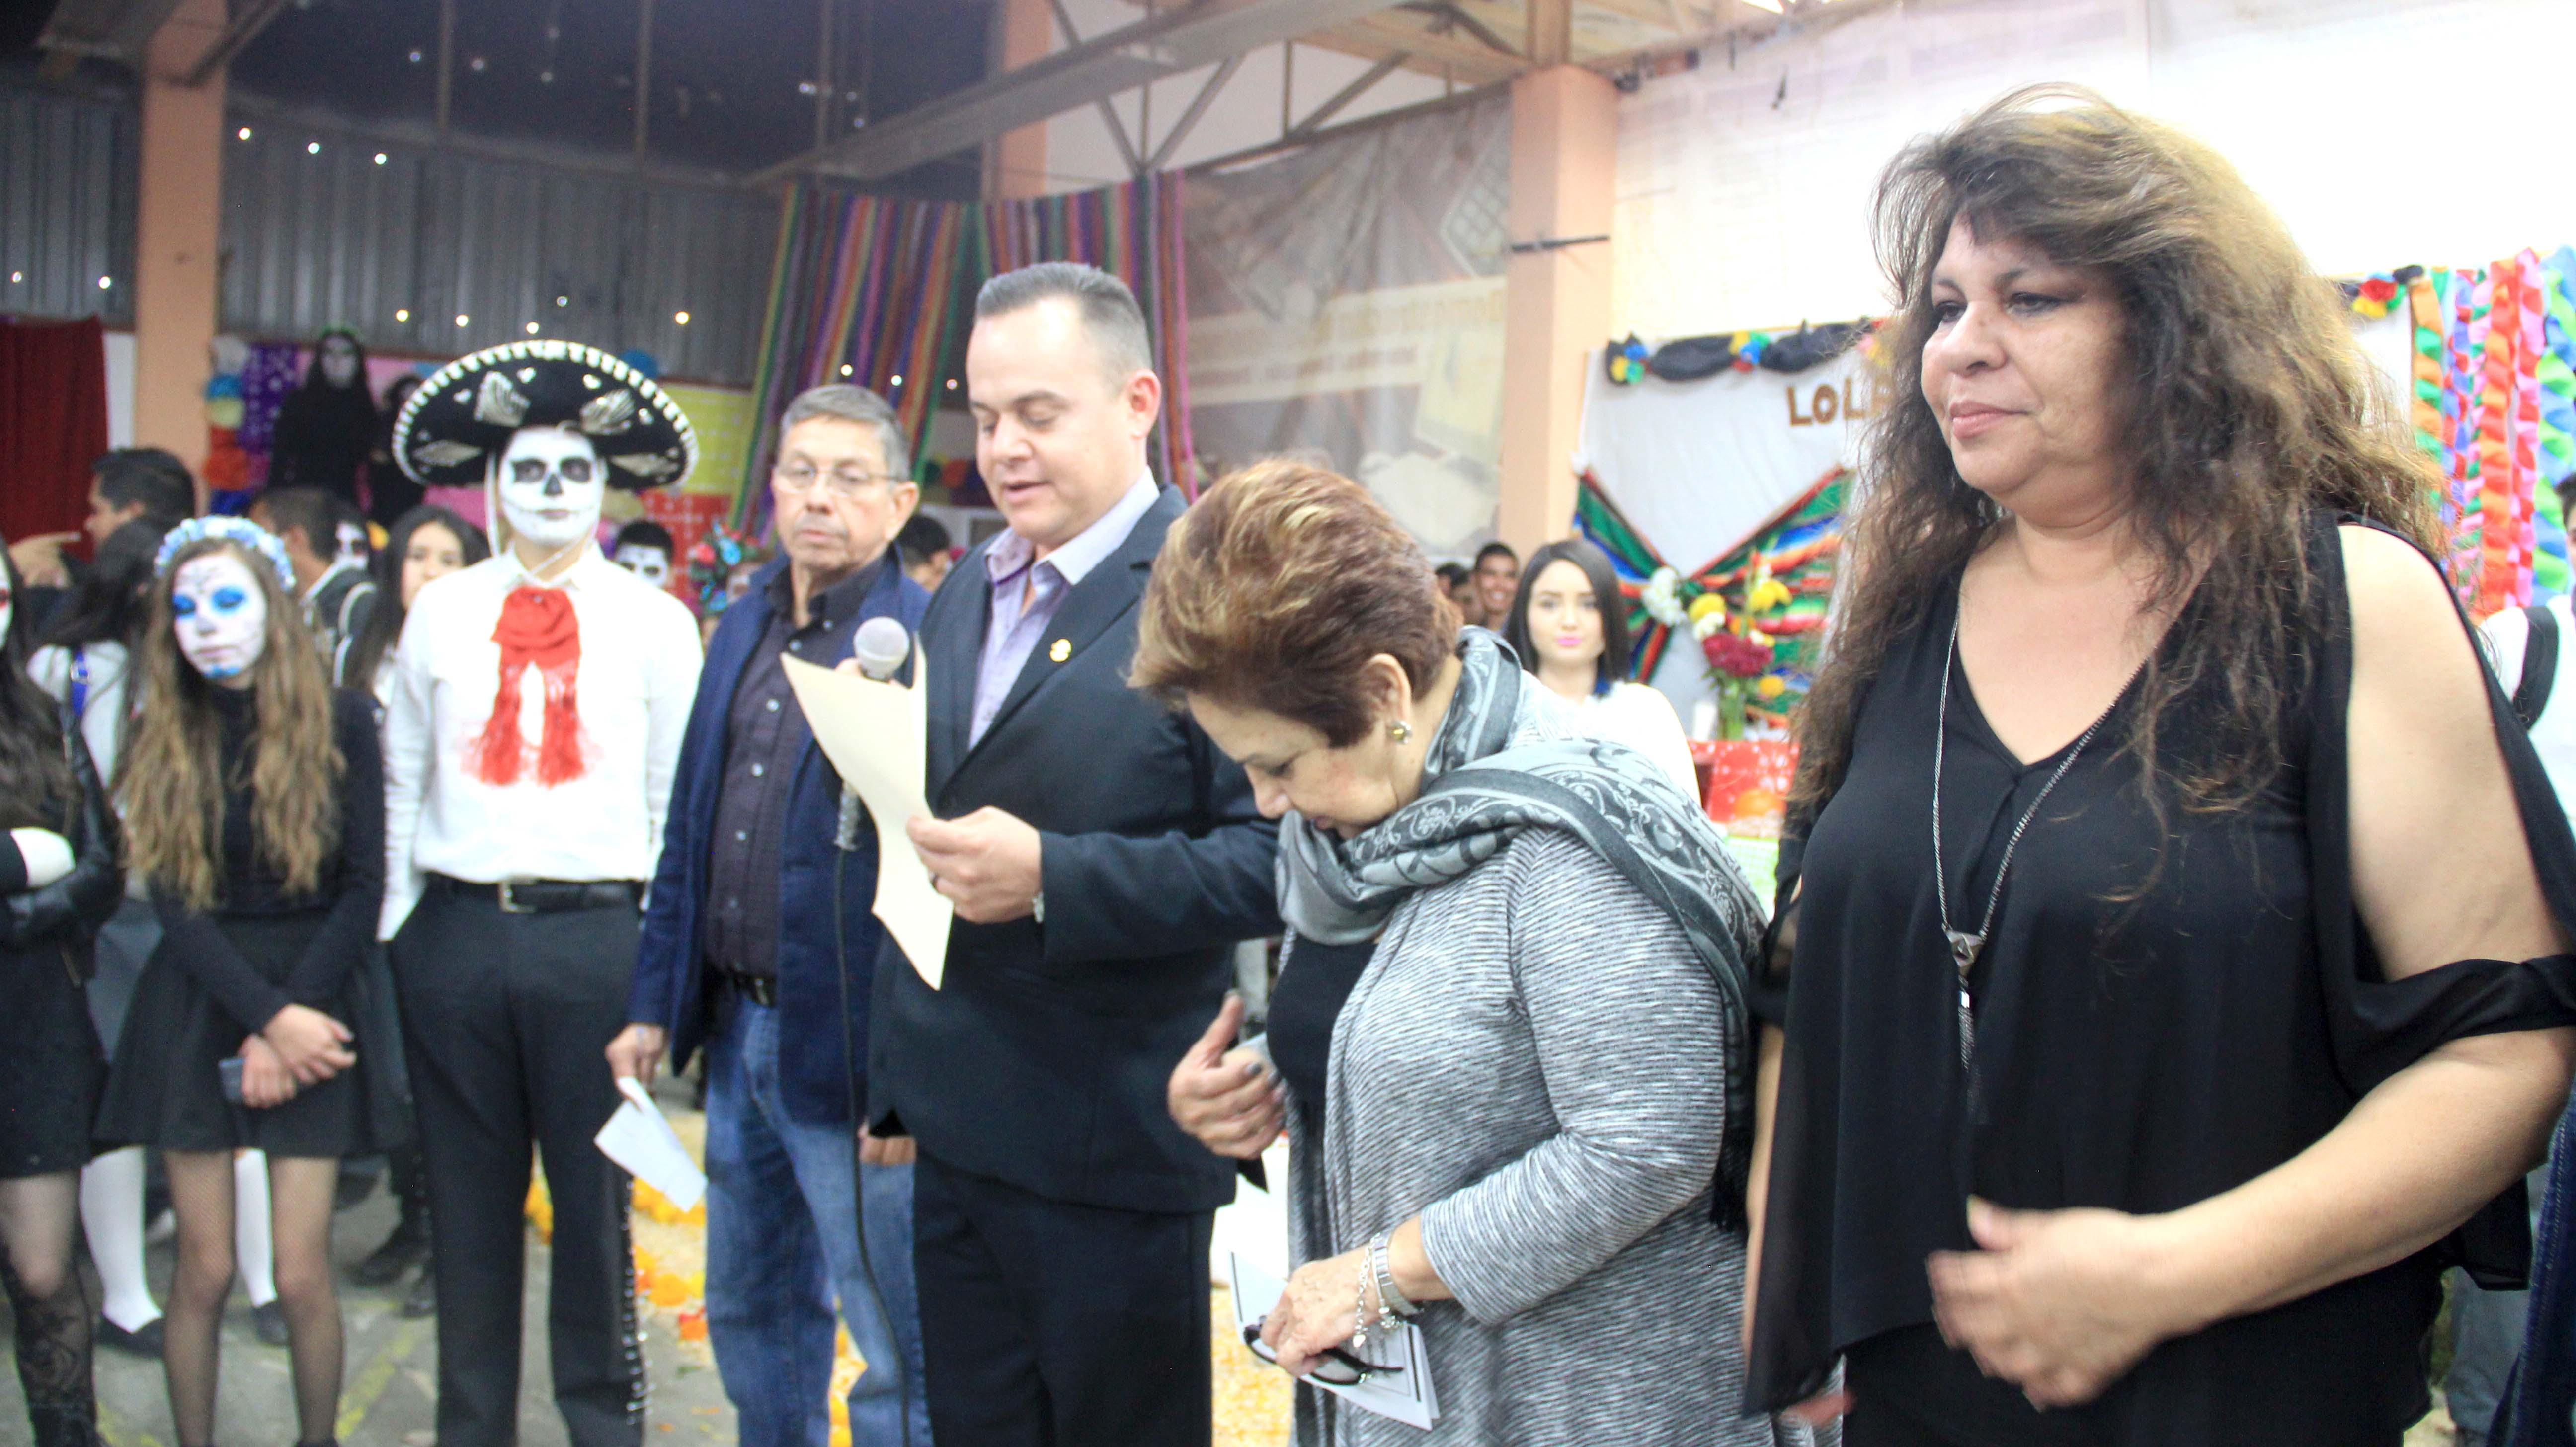 Destacan tradiciones mexicanas con concurso de altares en CBTIS 81